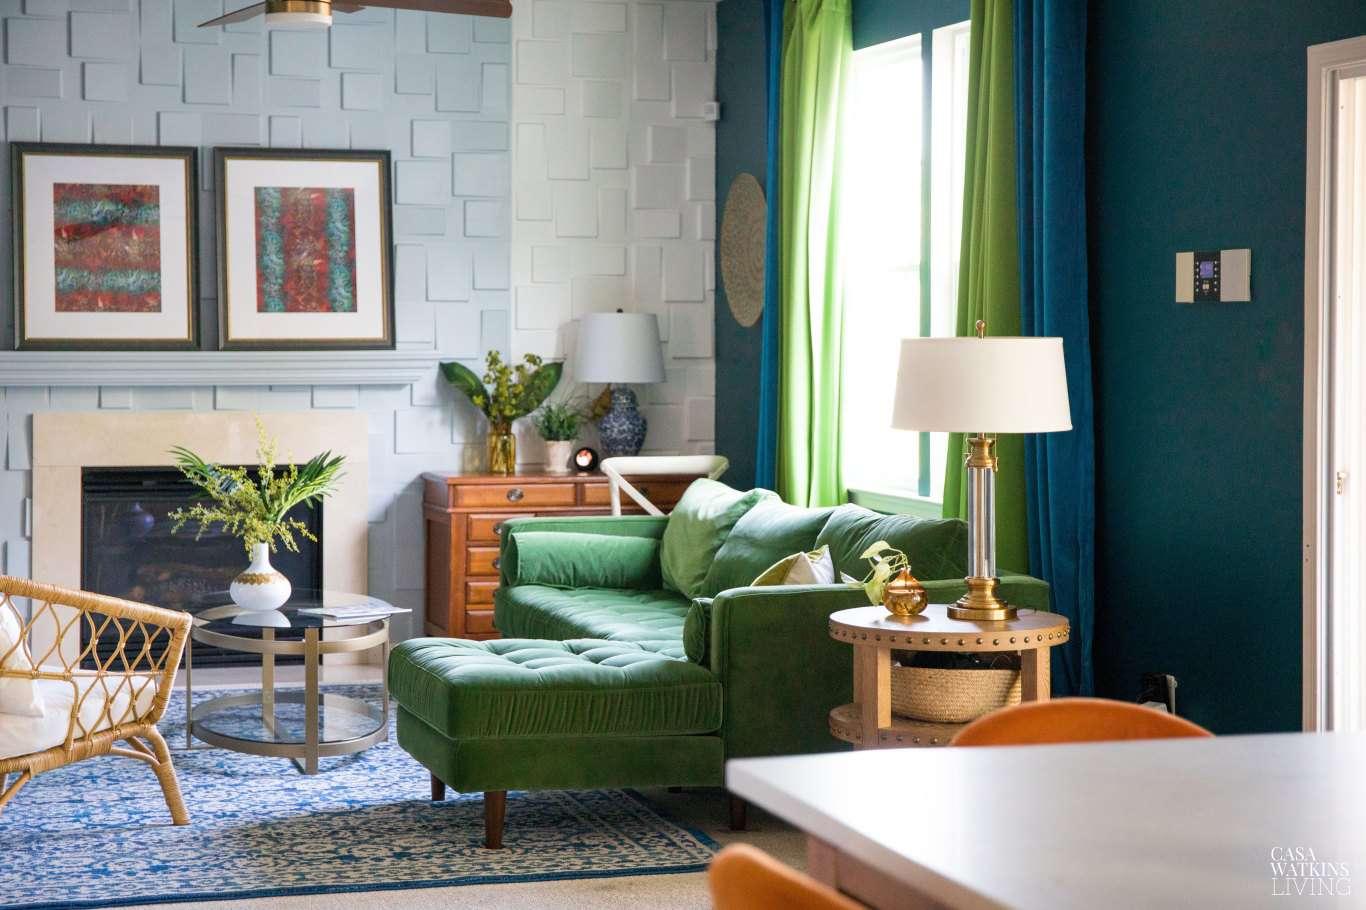 best living room ideas- emerald green velvet sofa in bohemian living room